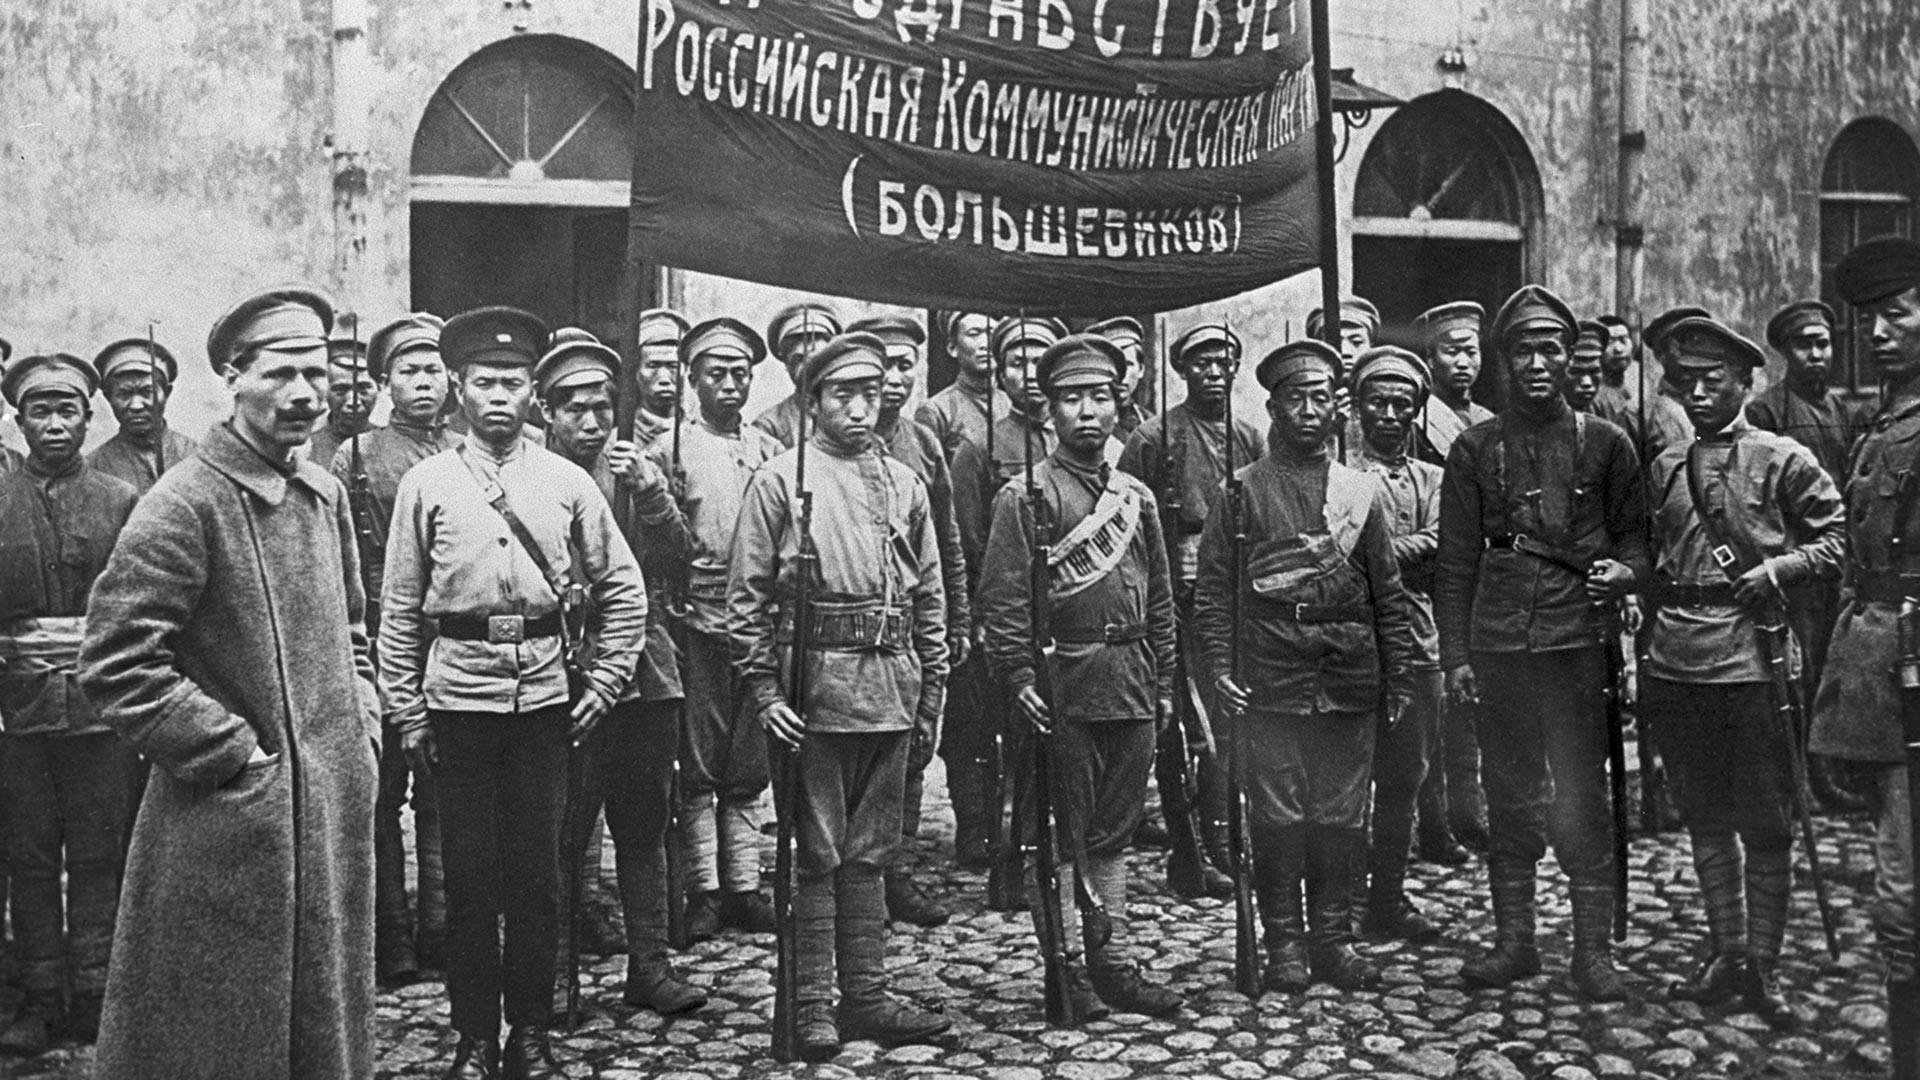 Первый коммунистический китайский отряд, сражавшийся в России в рядах Красной Армии, перед отправкой на фронт, 1918 г.